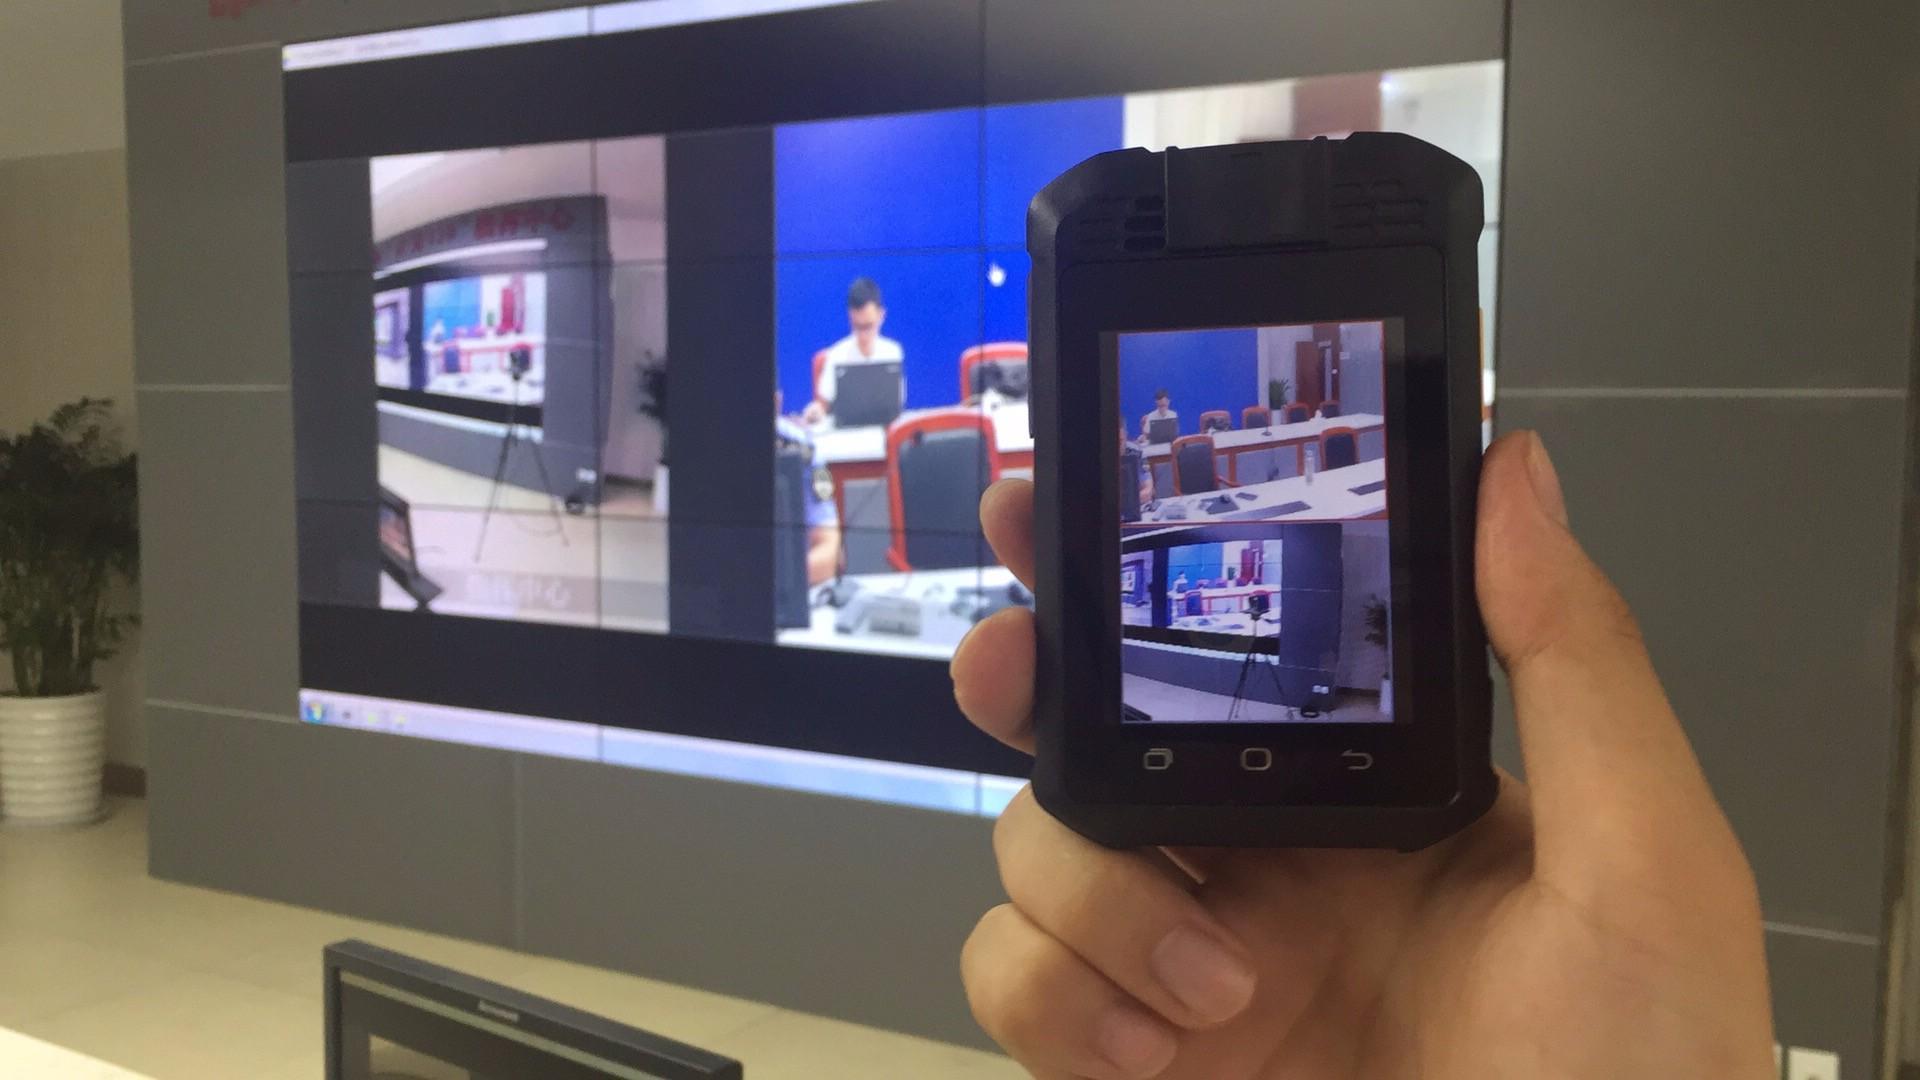 kok软件app下载kok娱乐图片4G智能移动单兵